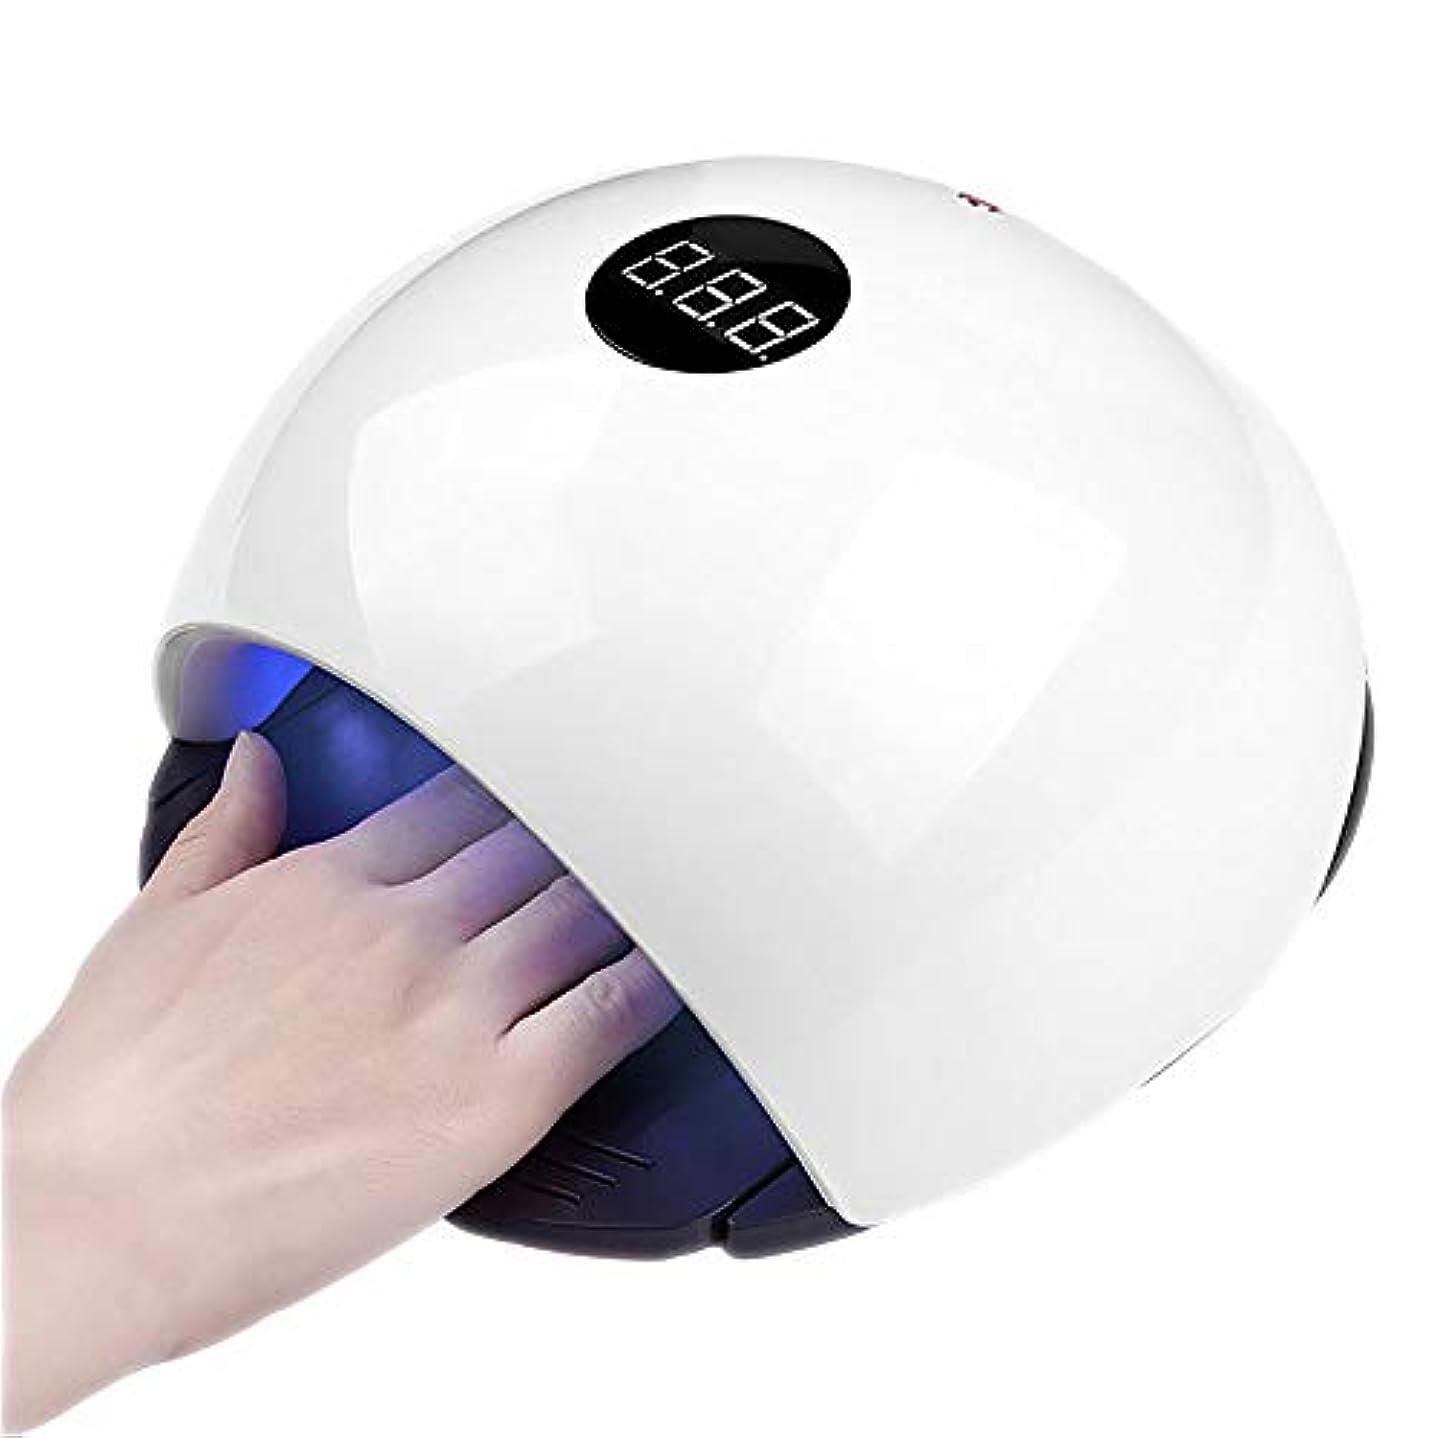 ピケうがい絶滅した釘のドライヤー - 自動赤外線センサー、二重光源のLEDランプのゲルのドライヤーのマニキュアが付いている紫外線携帯用LEDの釘ランプ